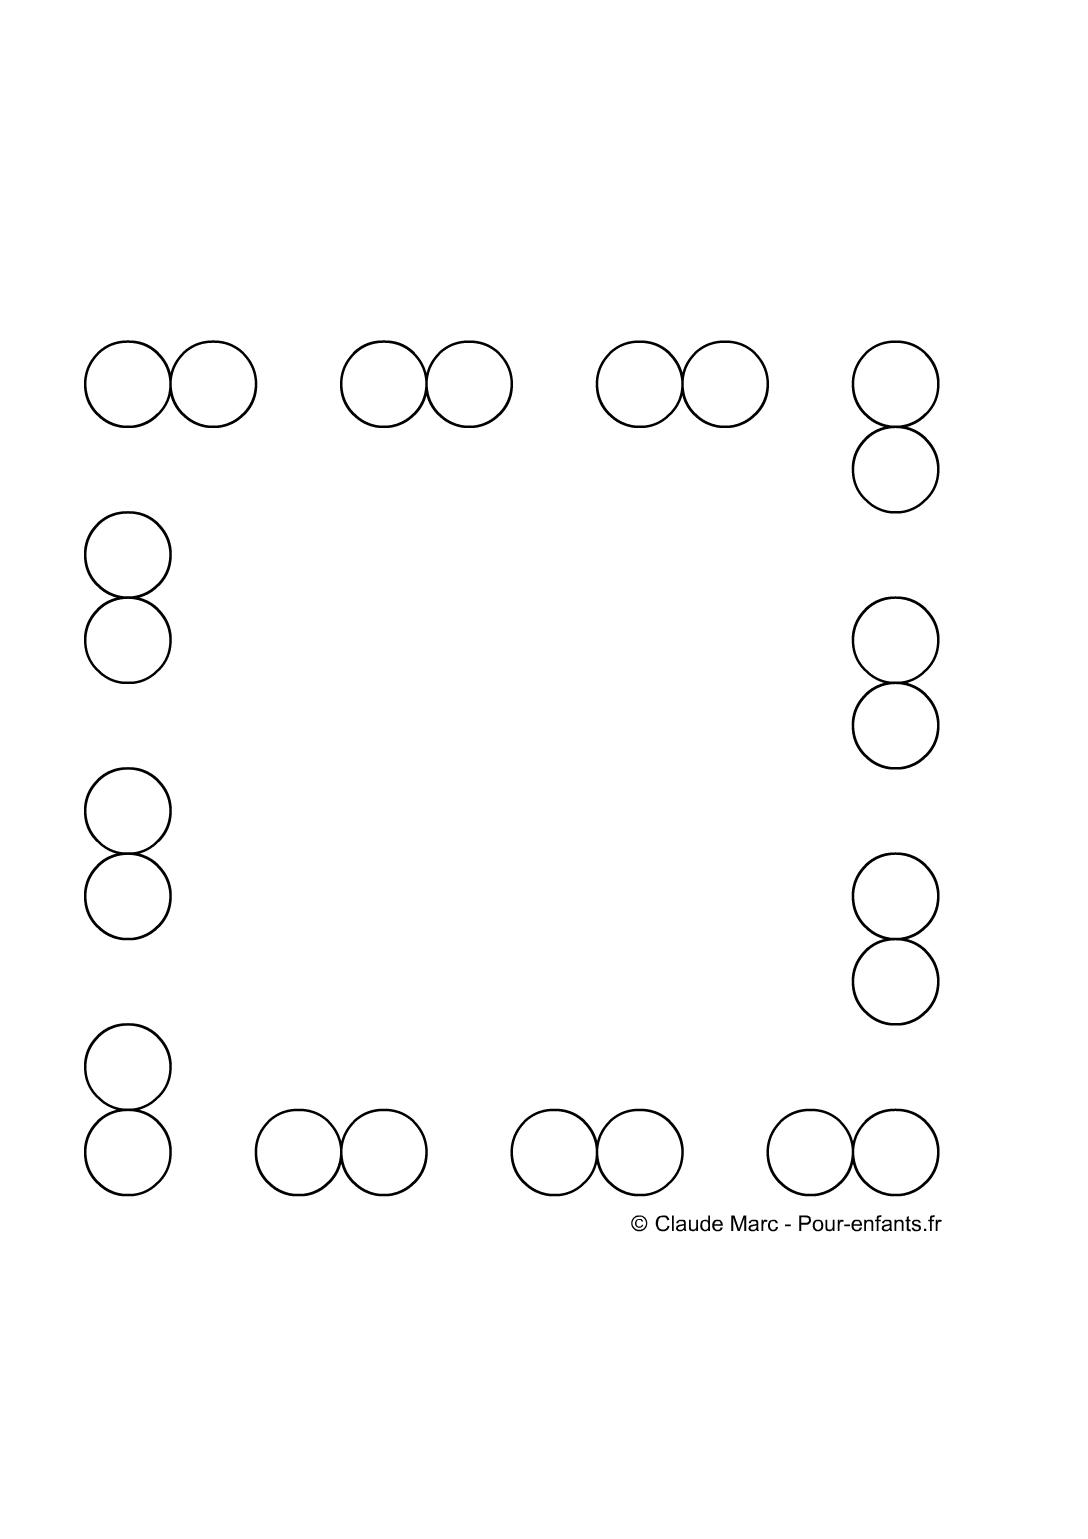 frise maternelle a imprimer gratuitement fiches enfants cadre avec frises jeux geometriques. Black Bedroom Furniture Sets. Home Design Ideas